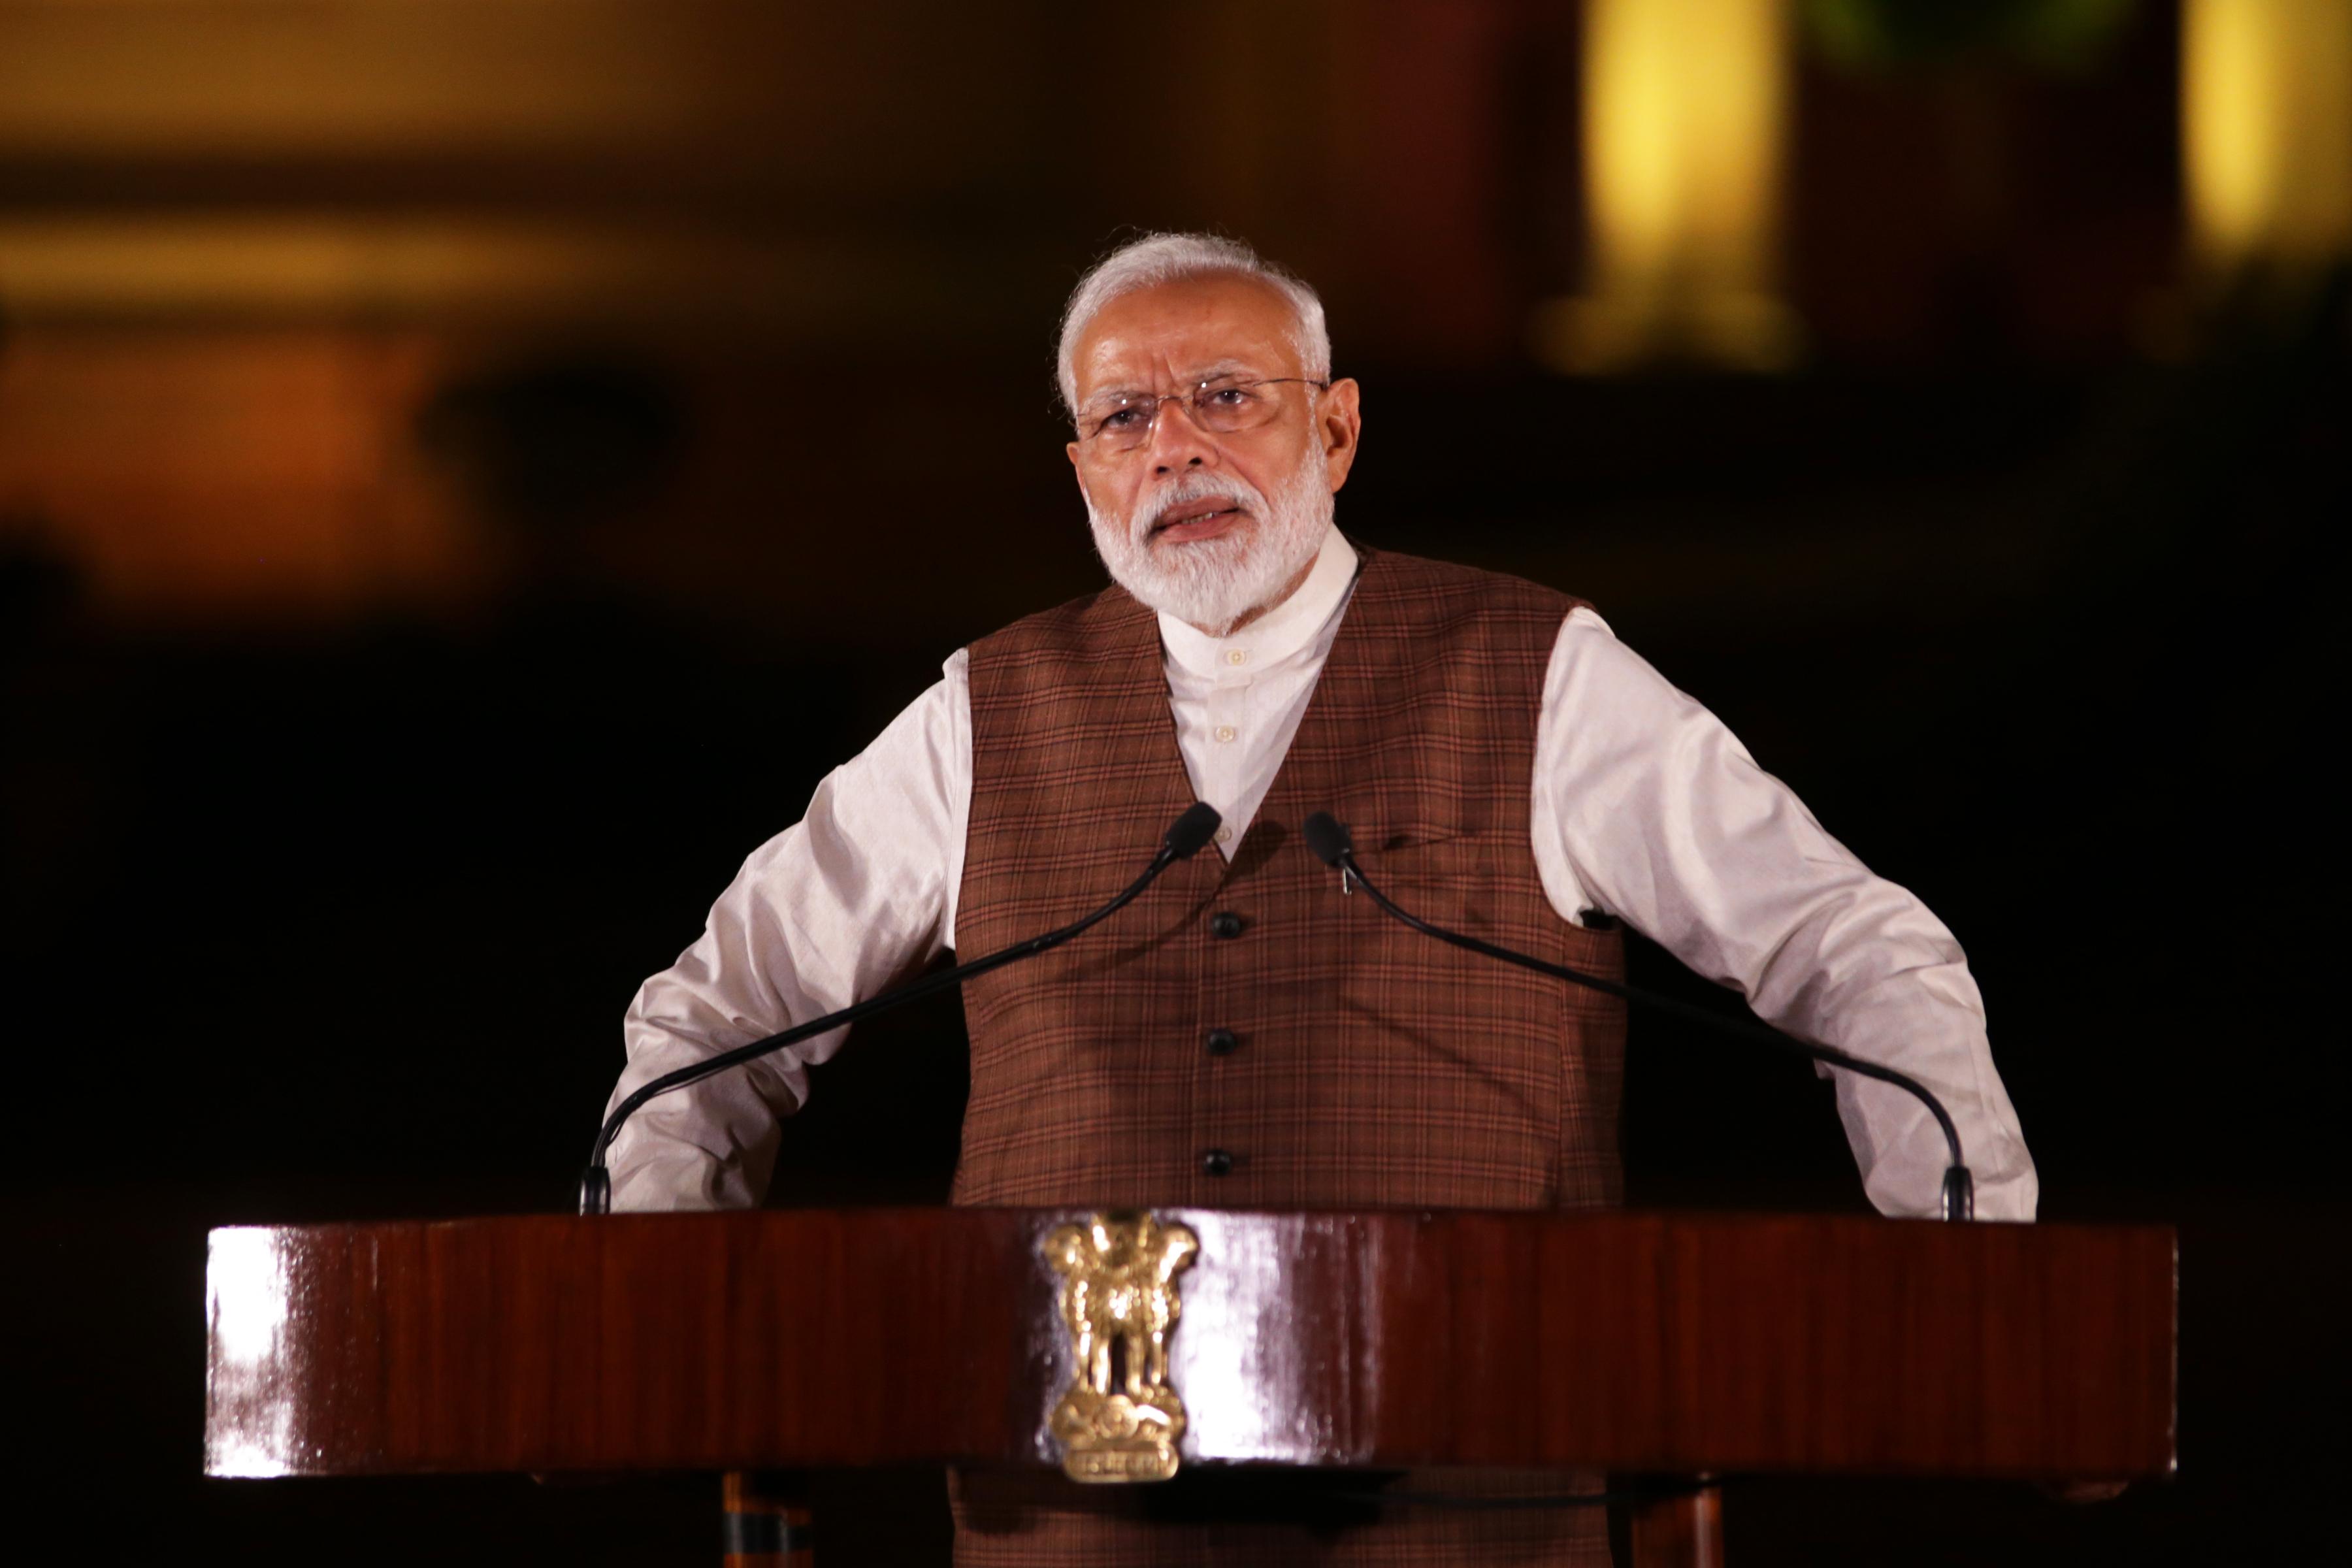 În mijlocul crizei sanitare, premierul Indiei vrea să folosească banii statului pentru a-și renova reședința